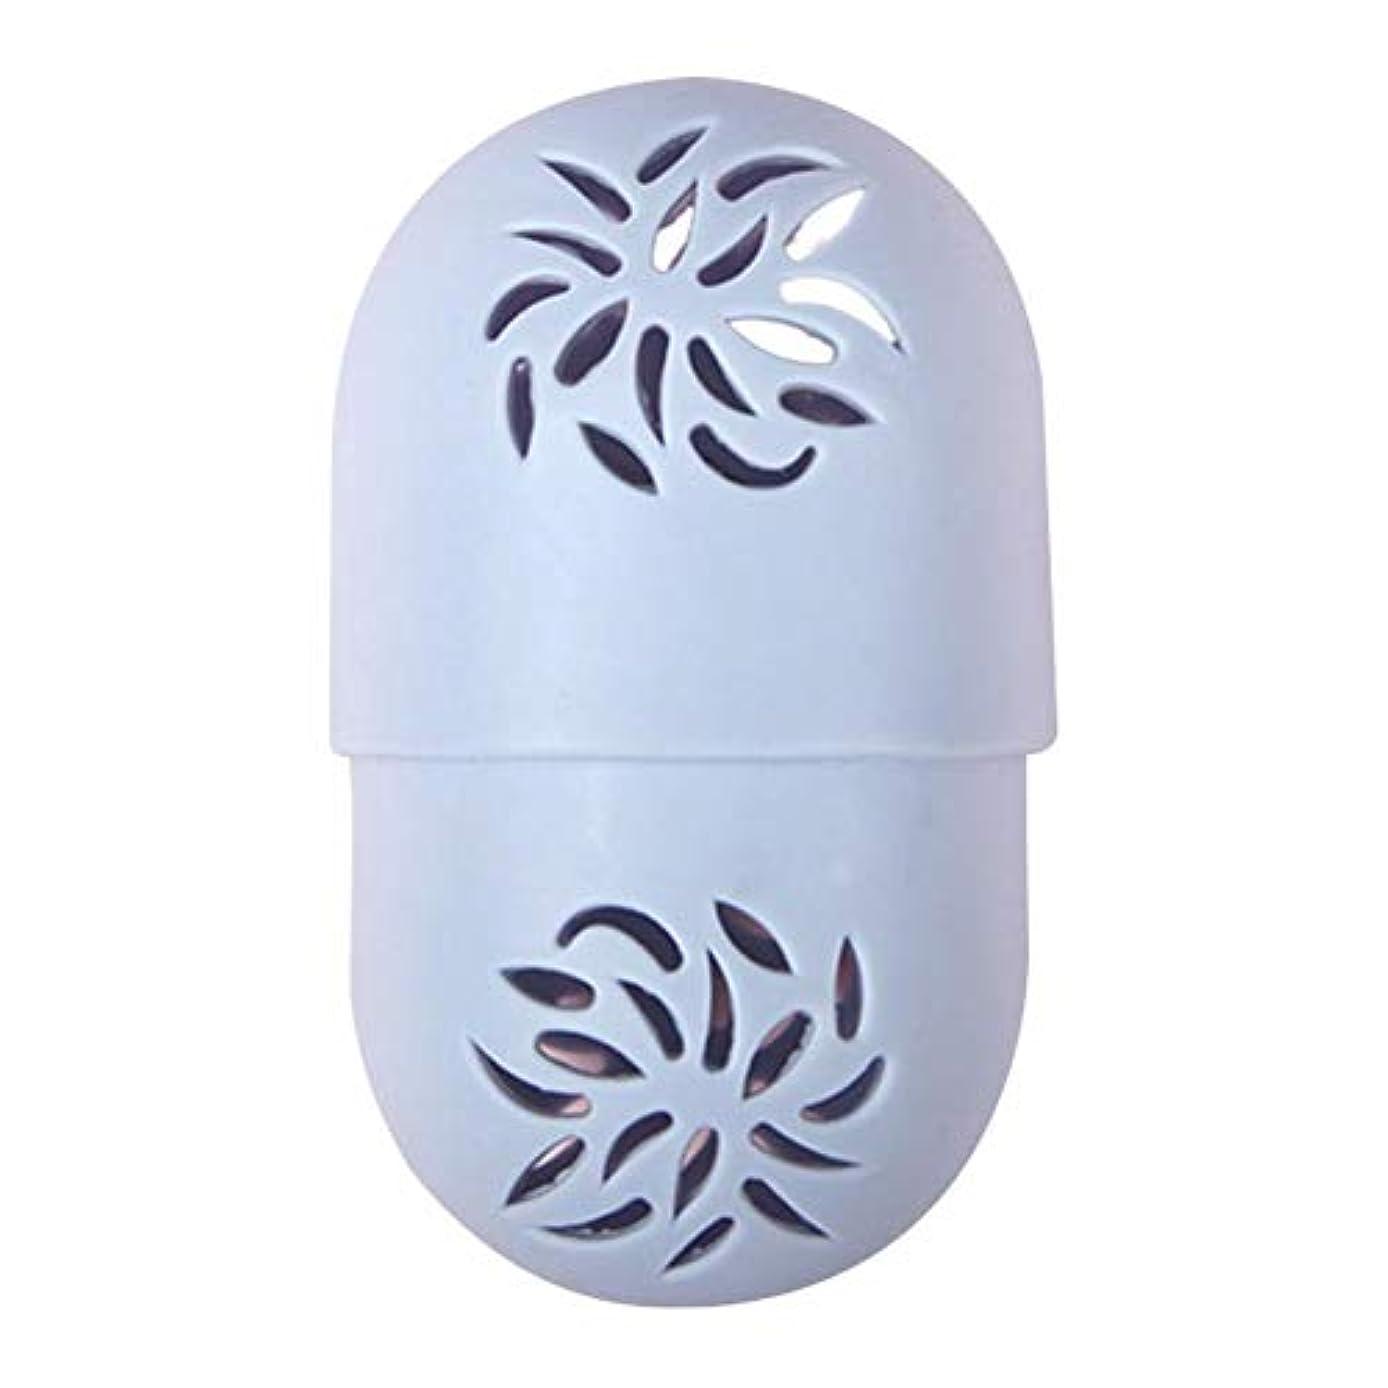 落胆させる踏みつけ干ばつMing-Dian 化粧スポンジホルダー化粧パフ防塵収納ケースシリコン収納ケーススポンジ容器通気性のある化粧アクセサリー